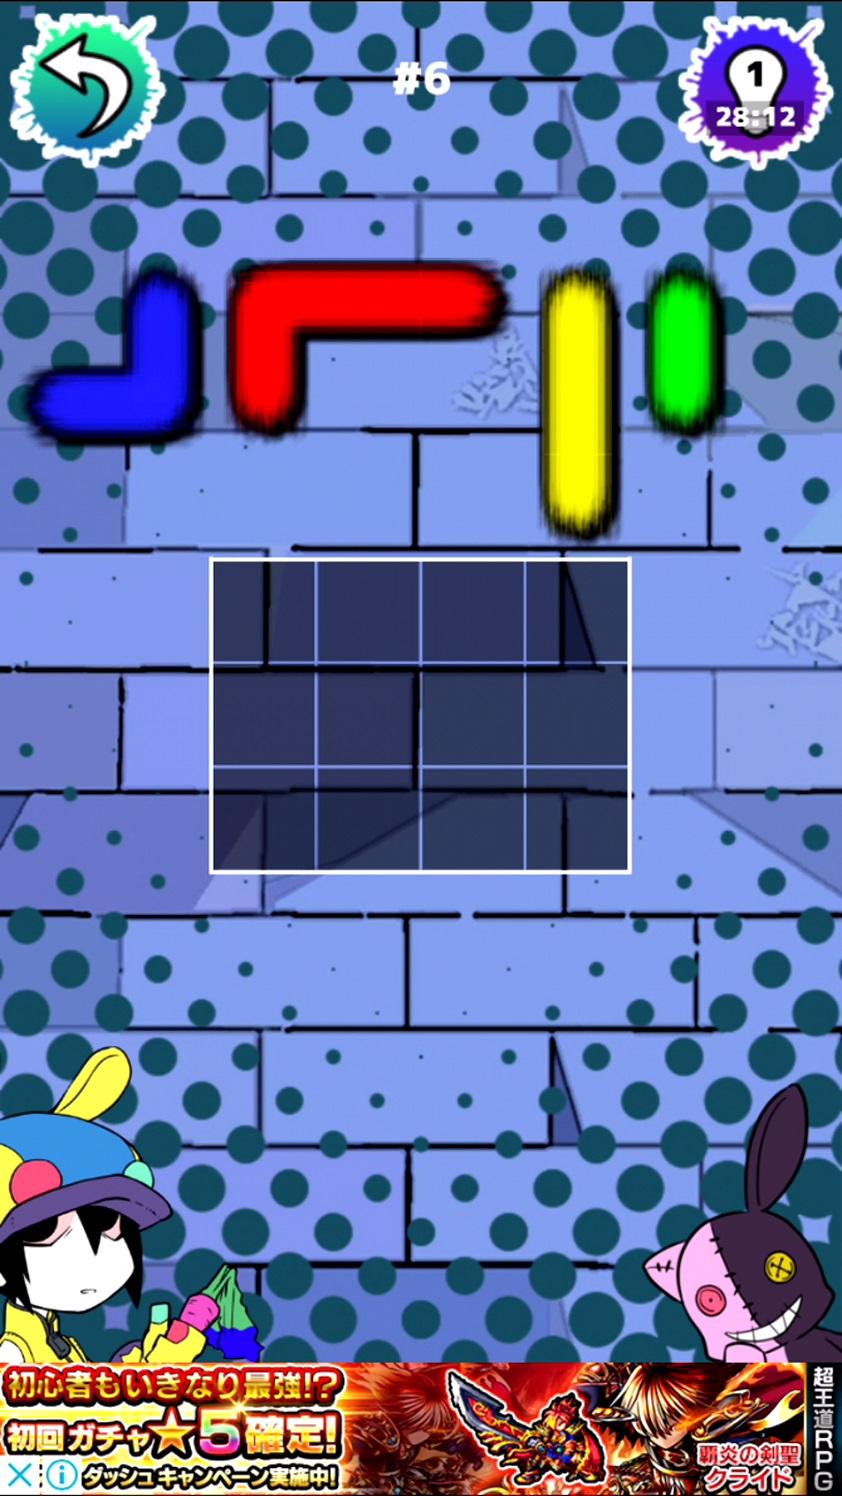 ブロックパズルぺいんと れんとさんとロクのラクガキワールド! androidアプリスクリーンショット1